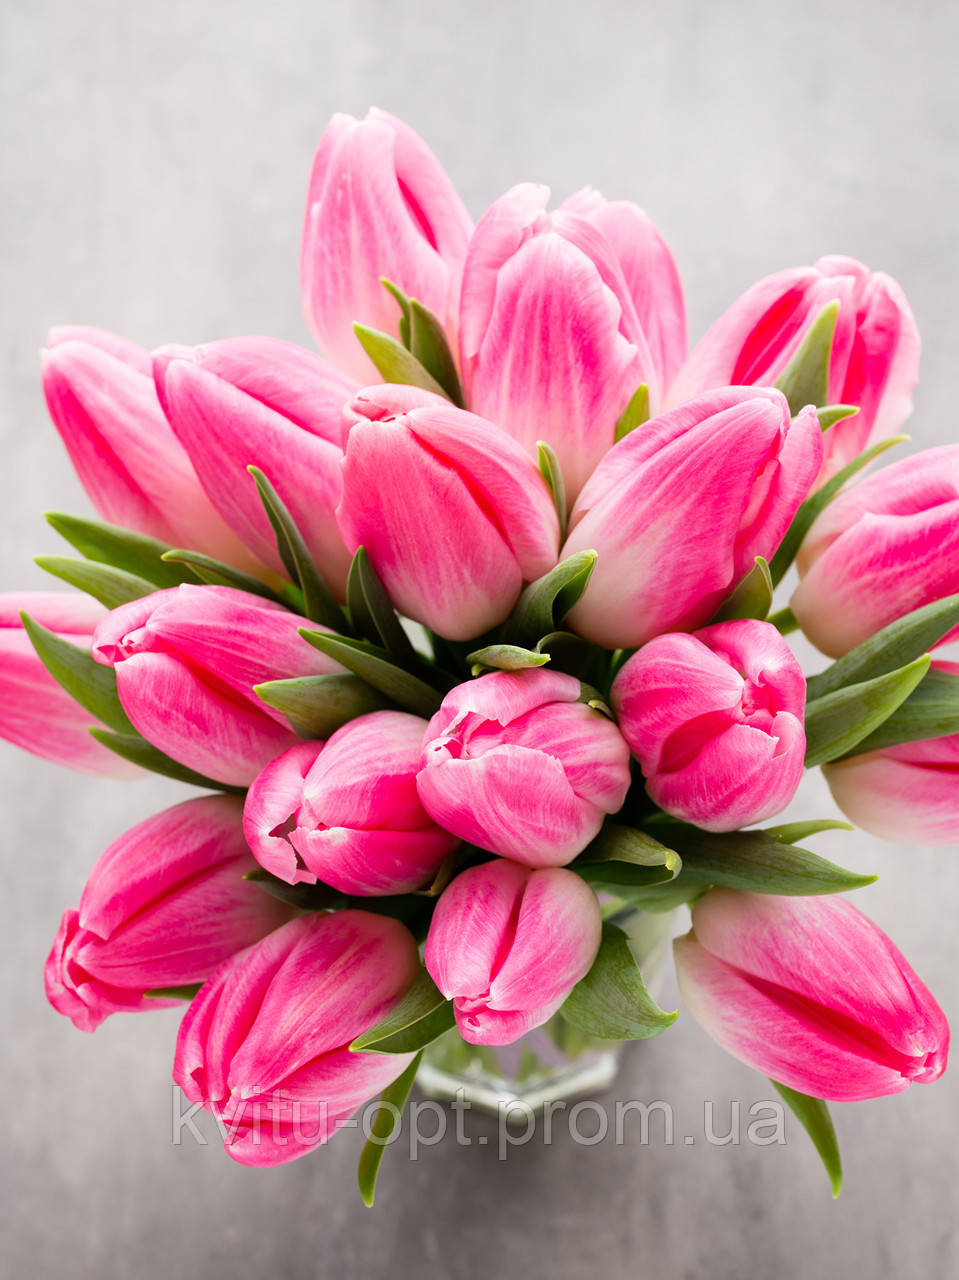 Завершается прием заказов на охлажденные луковицы тюльпанов и ирисов